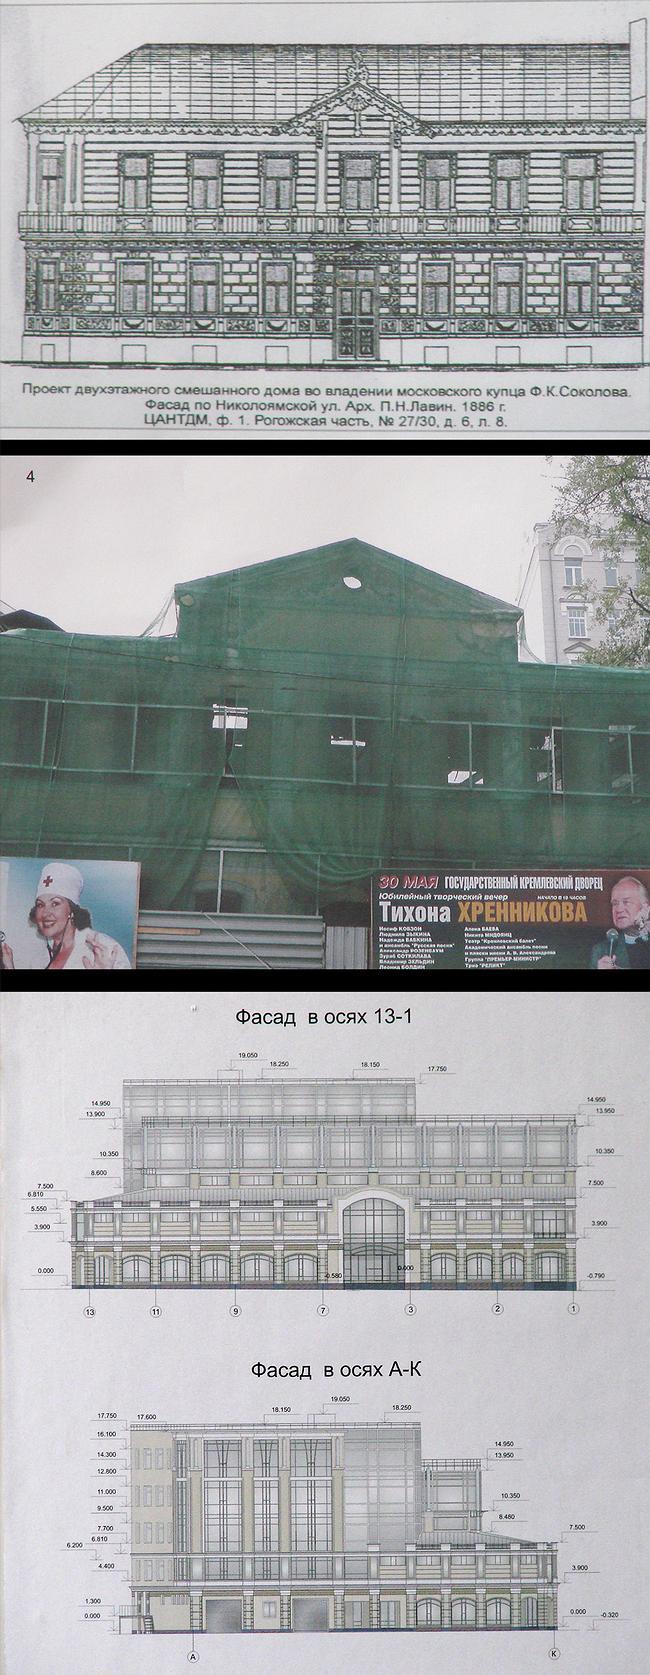 Проект по размещению офисного здания с подземной автостоянкой в 2-х уровнях. Николоямская, вл. 36/7, вл. 34, стр.1. «Альбион-М». Архитекторы: Б.Н. Иноземцев, С.М. Оглио